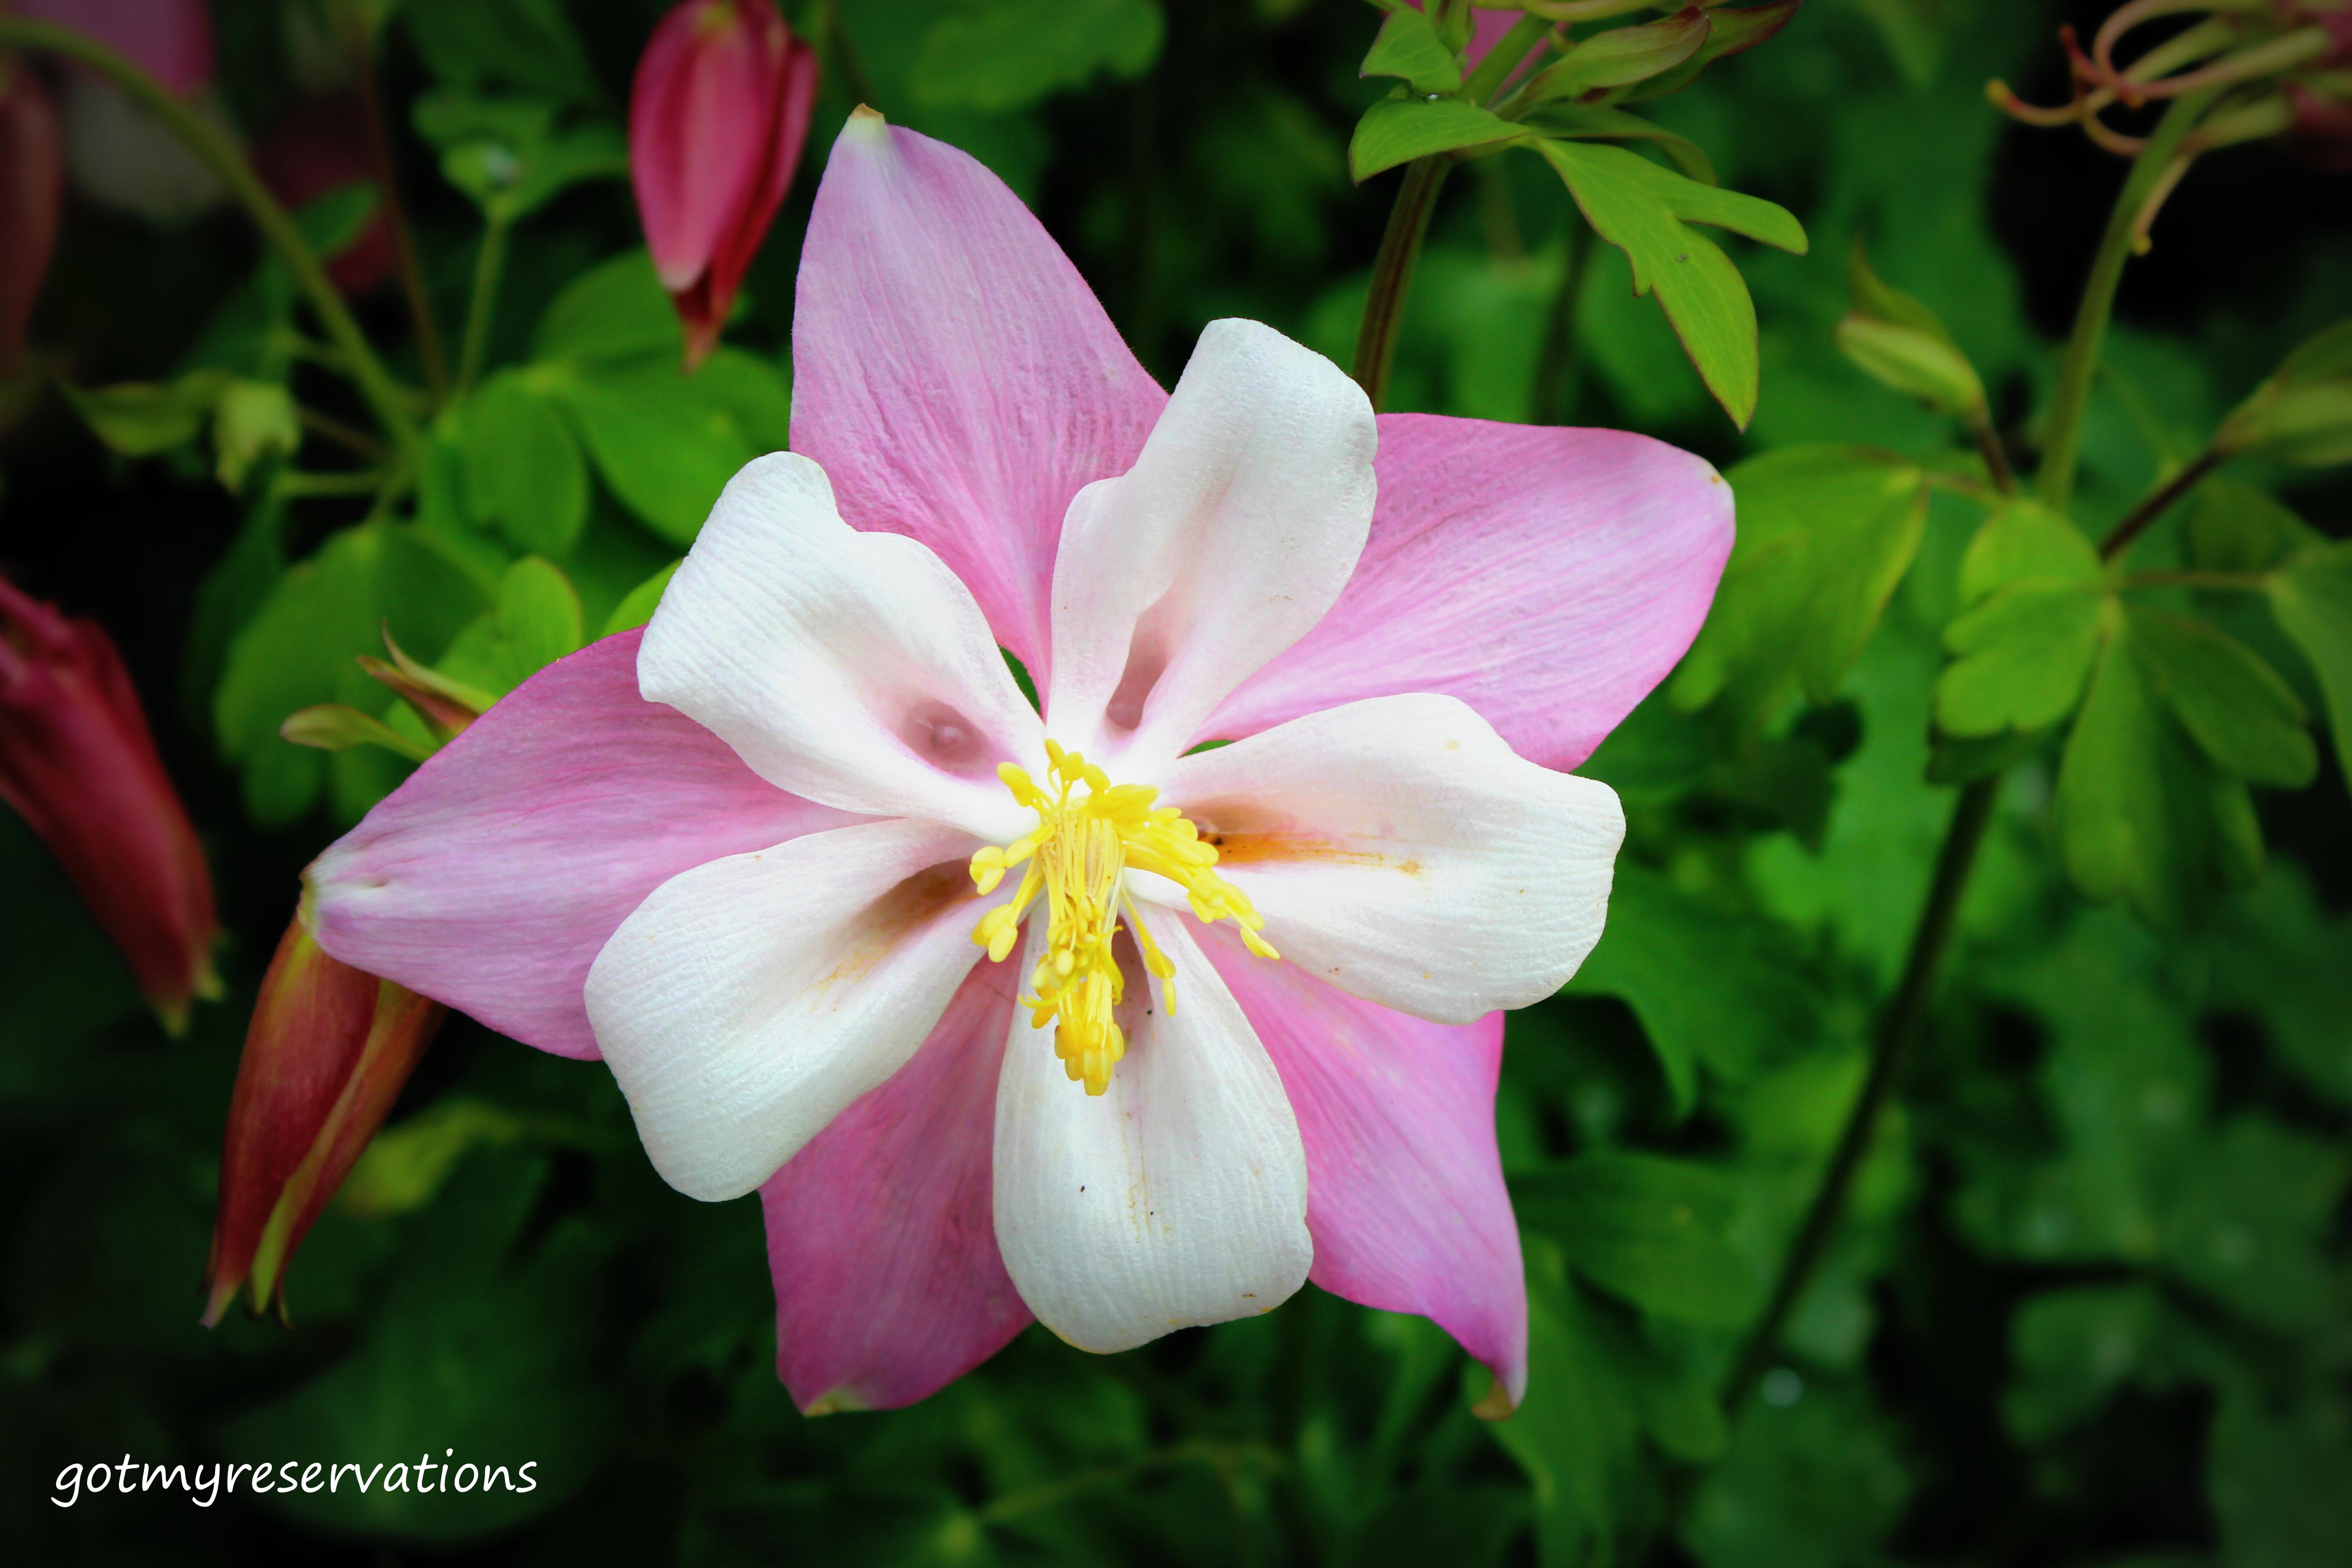 flower stories columbine  got my reservations, Beautiful flower